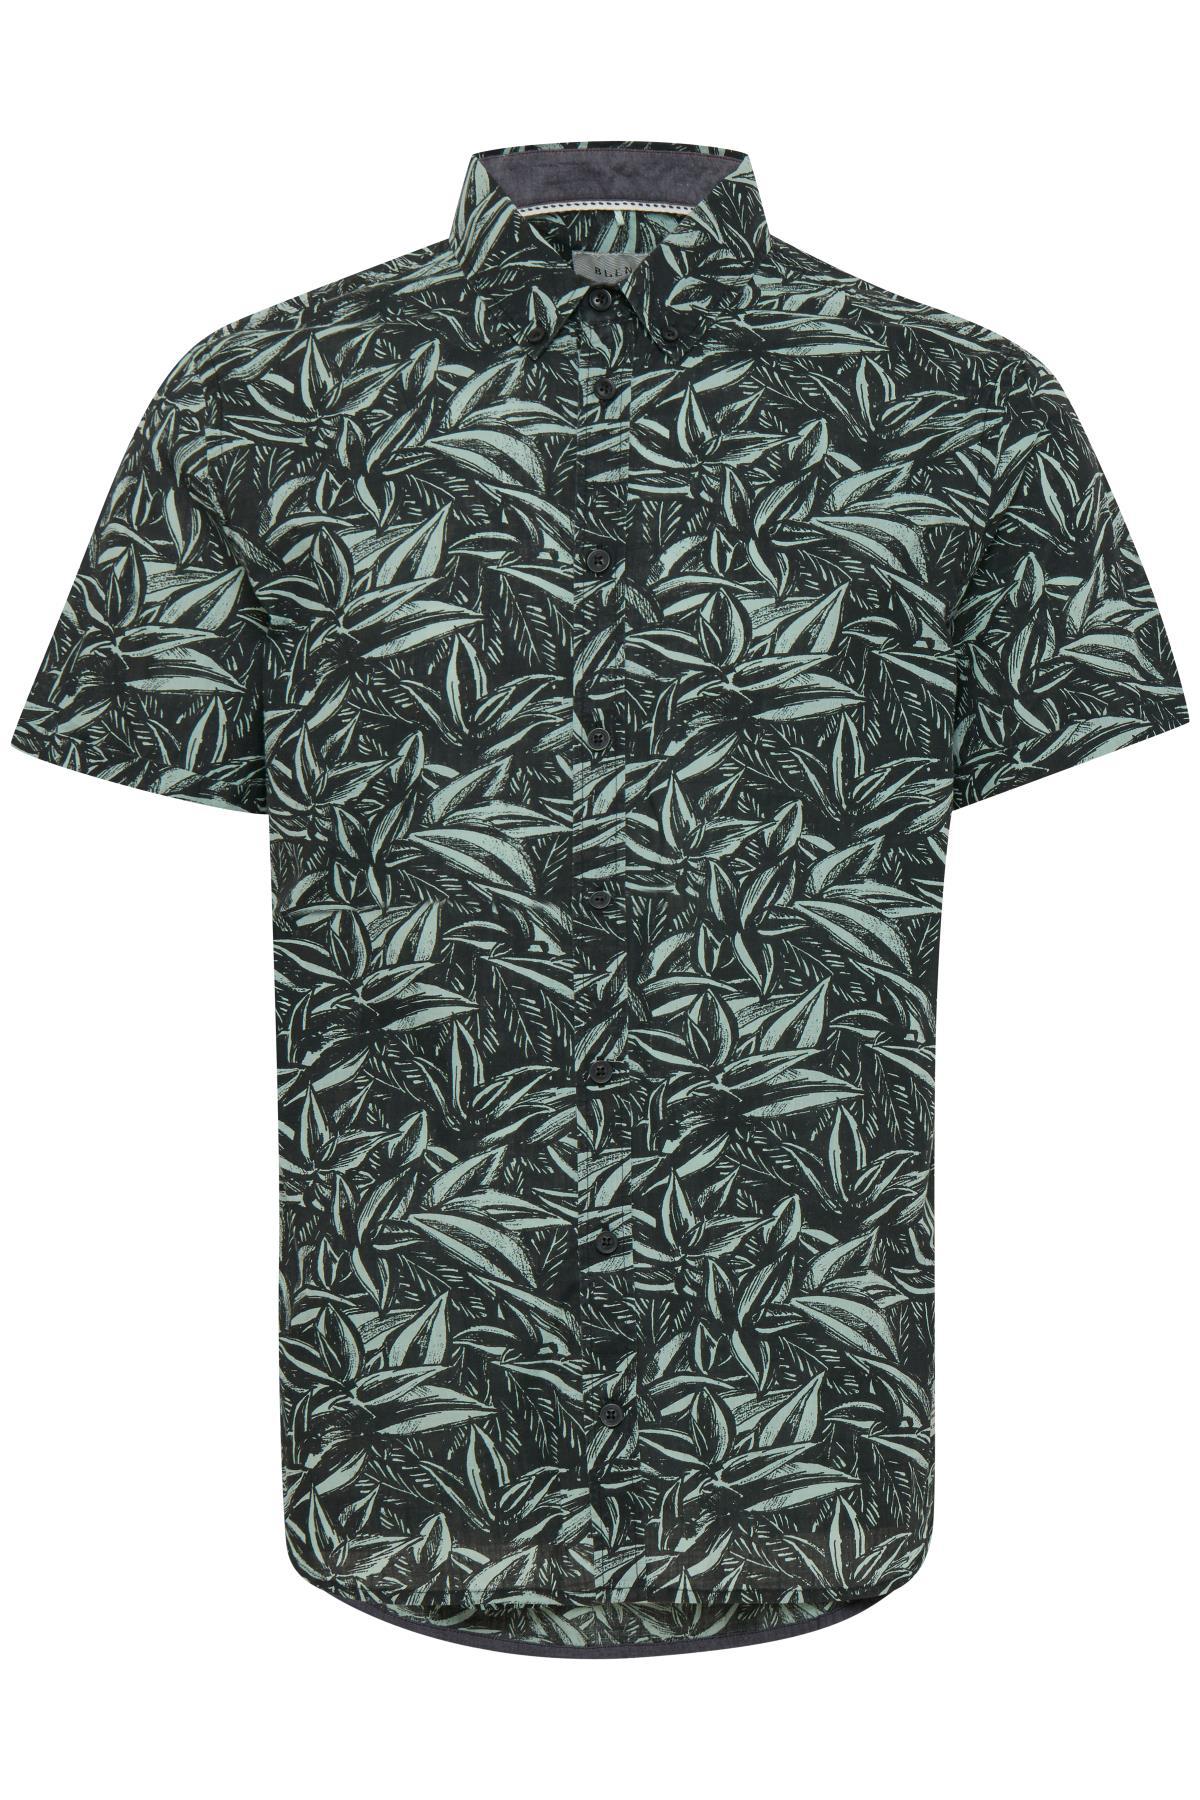 Granite Green Shirt fra Blend He – Køb Granite Green Shirt fra str. S-XXL her